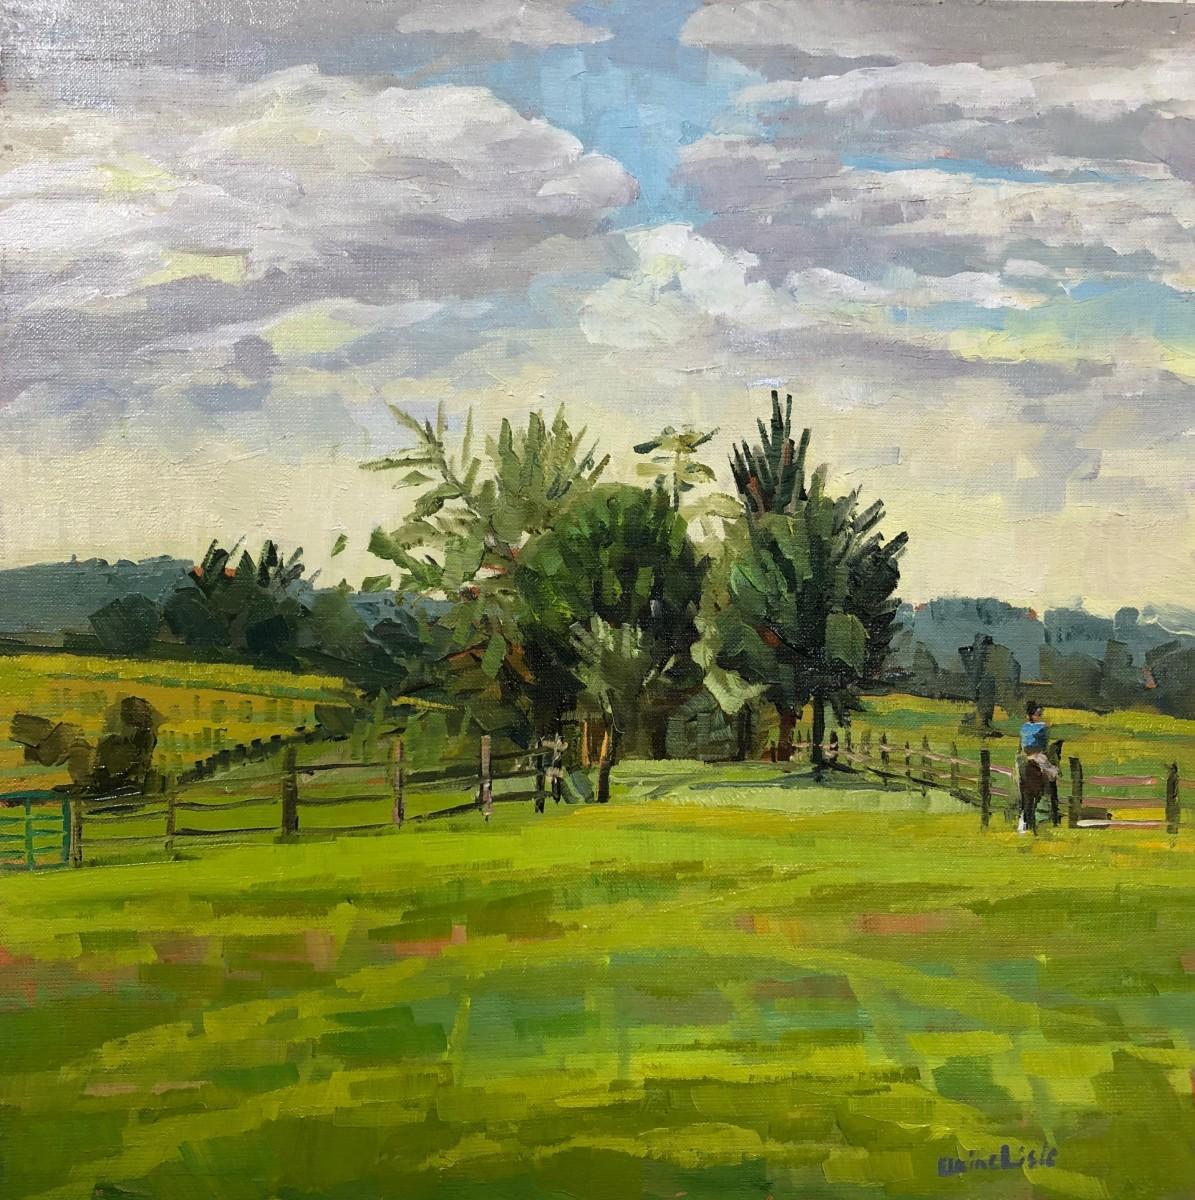 Morning Ride by Elaine Lisle